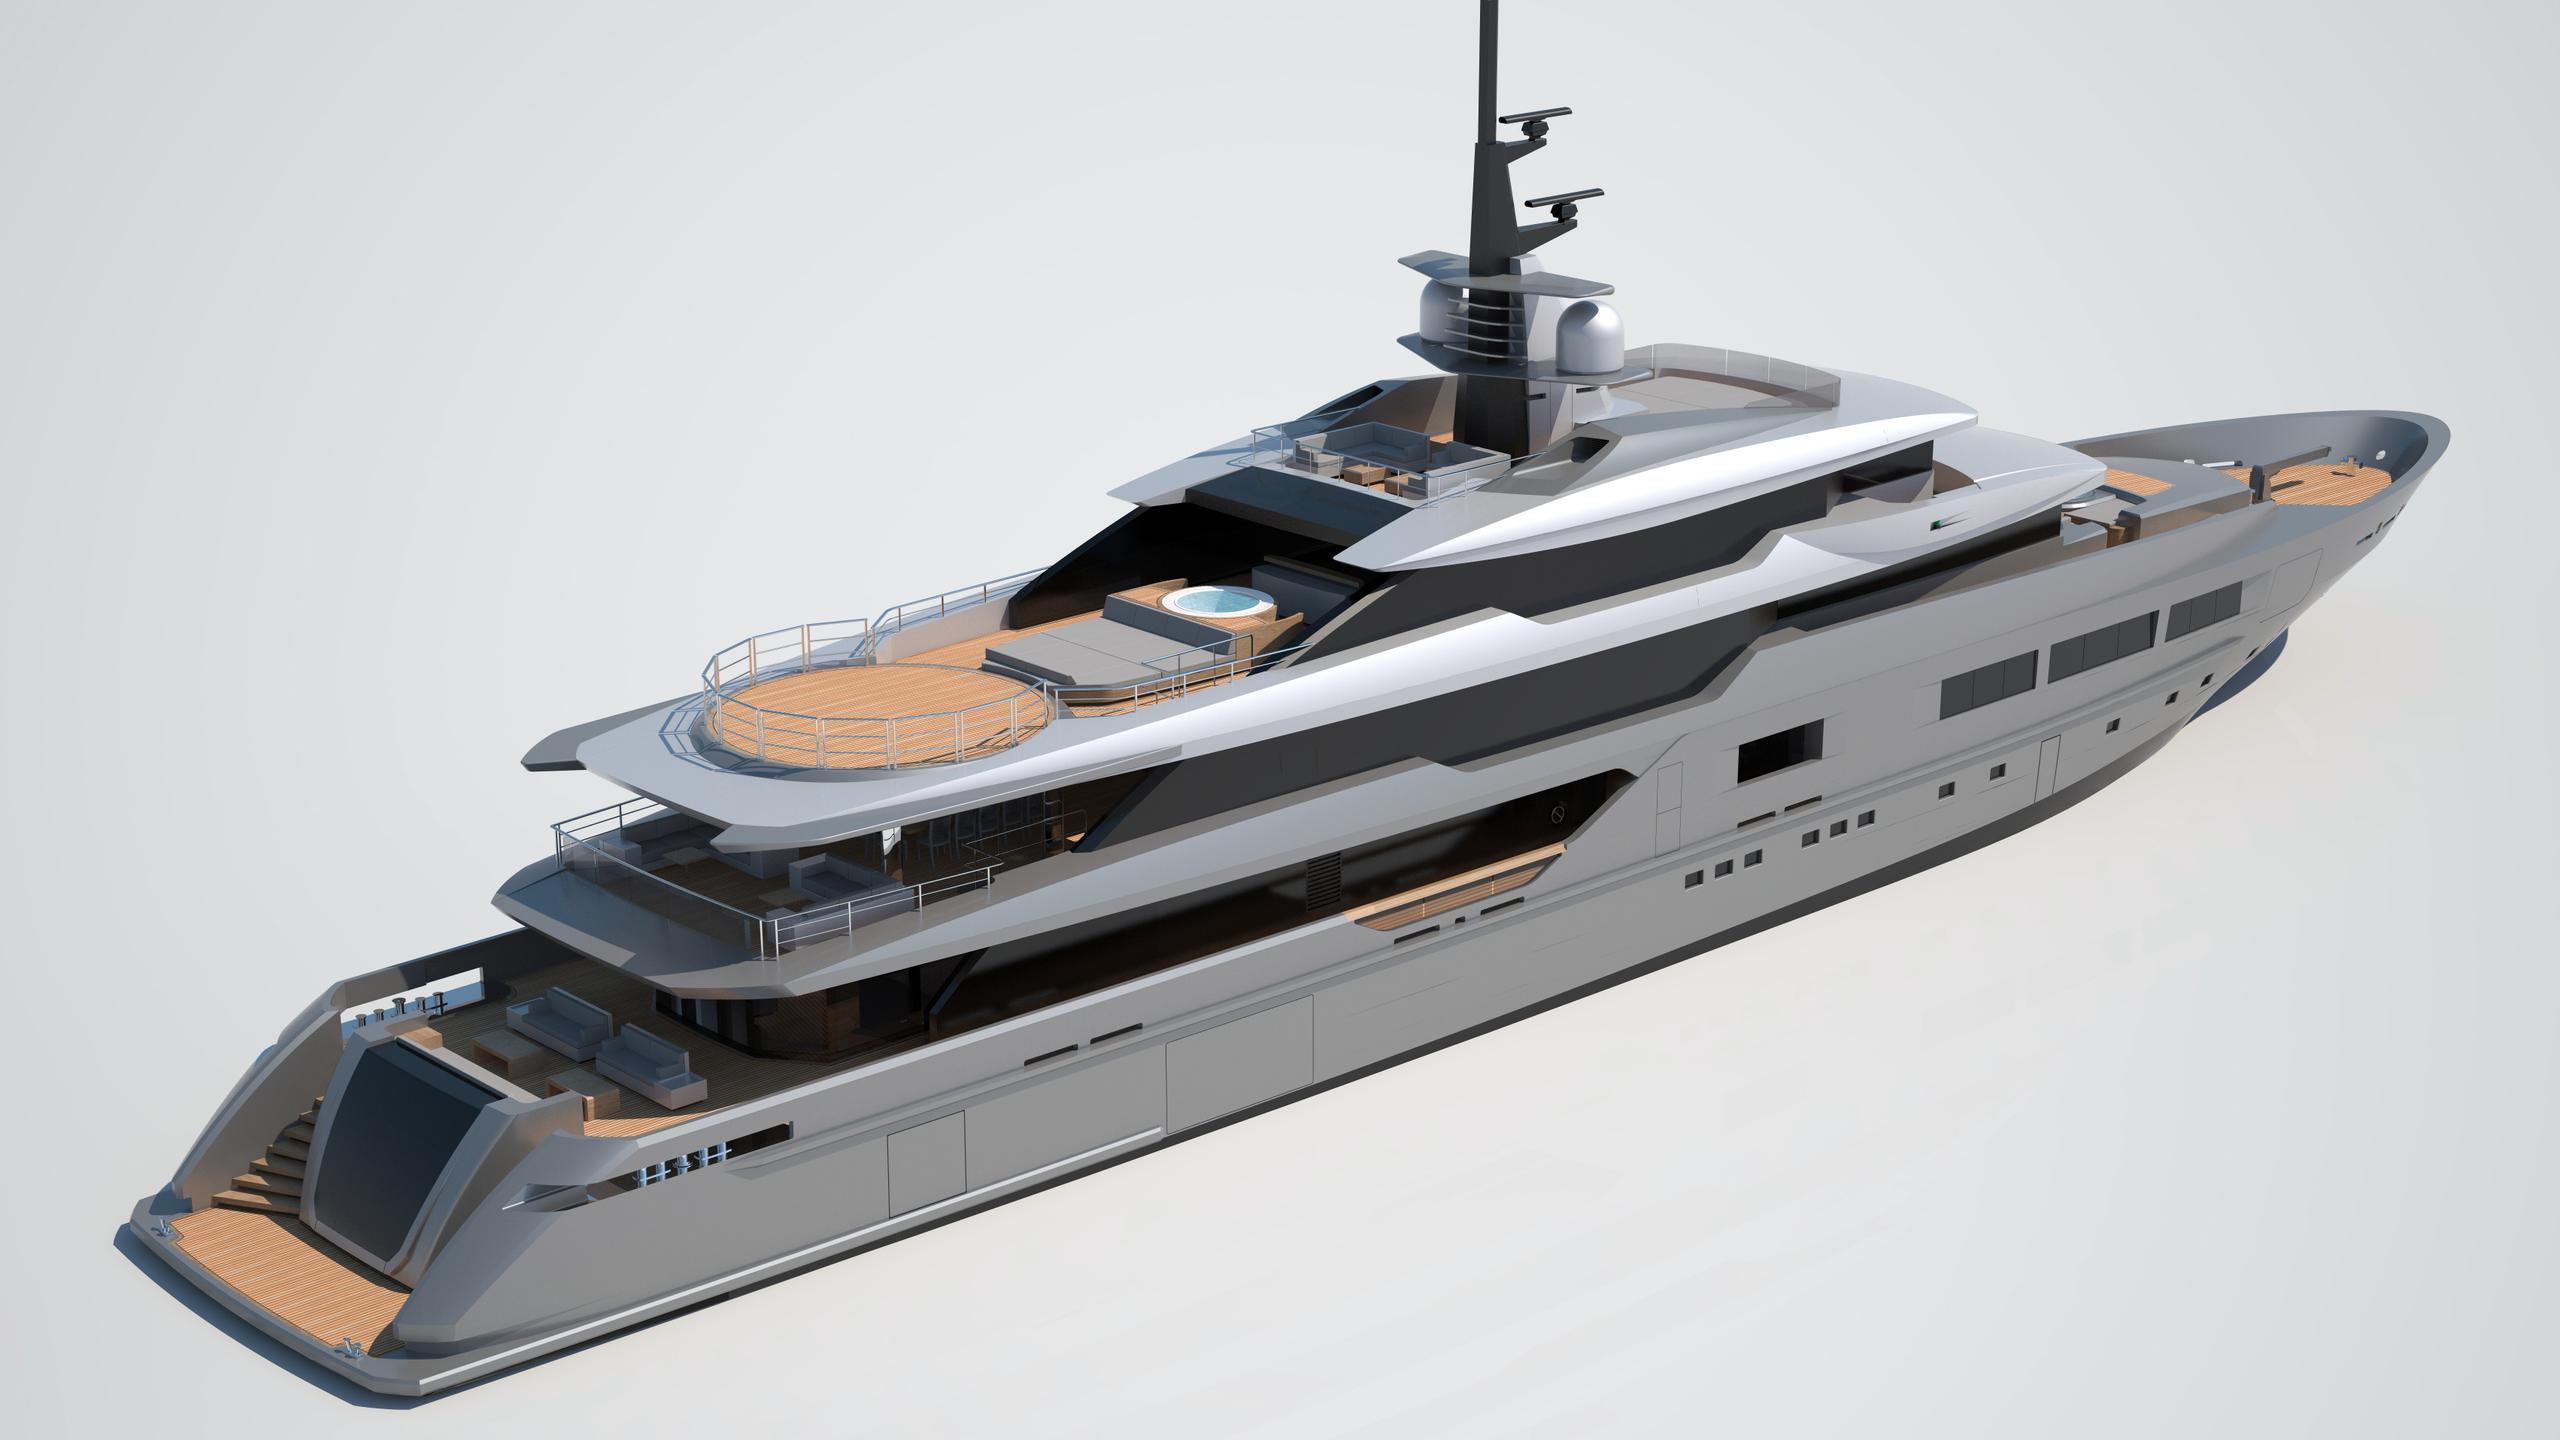 solo s701 motoryacht tankoa yachts 72m 2018 rendering